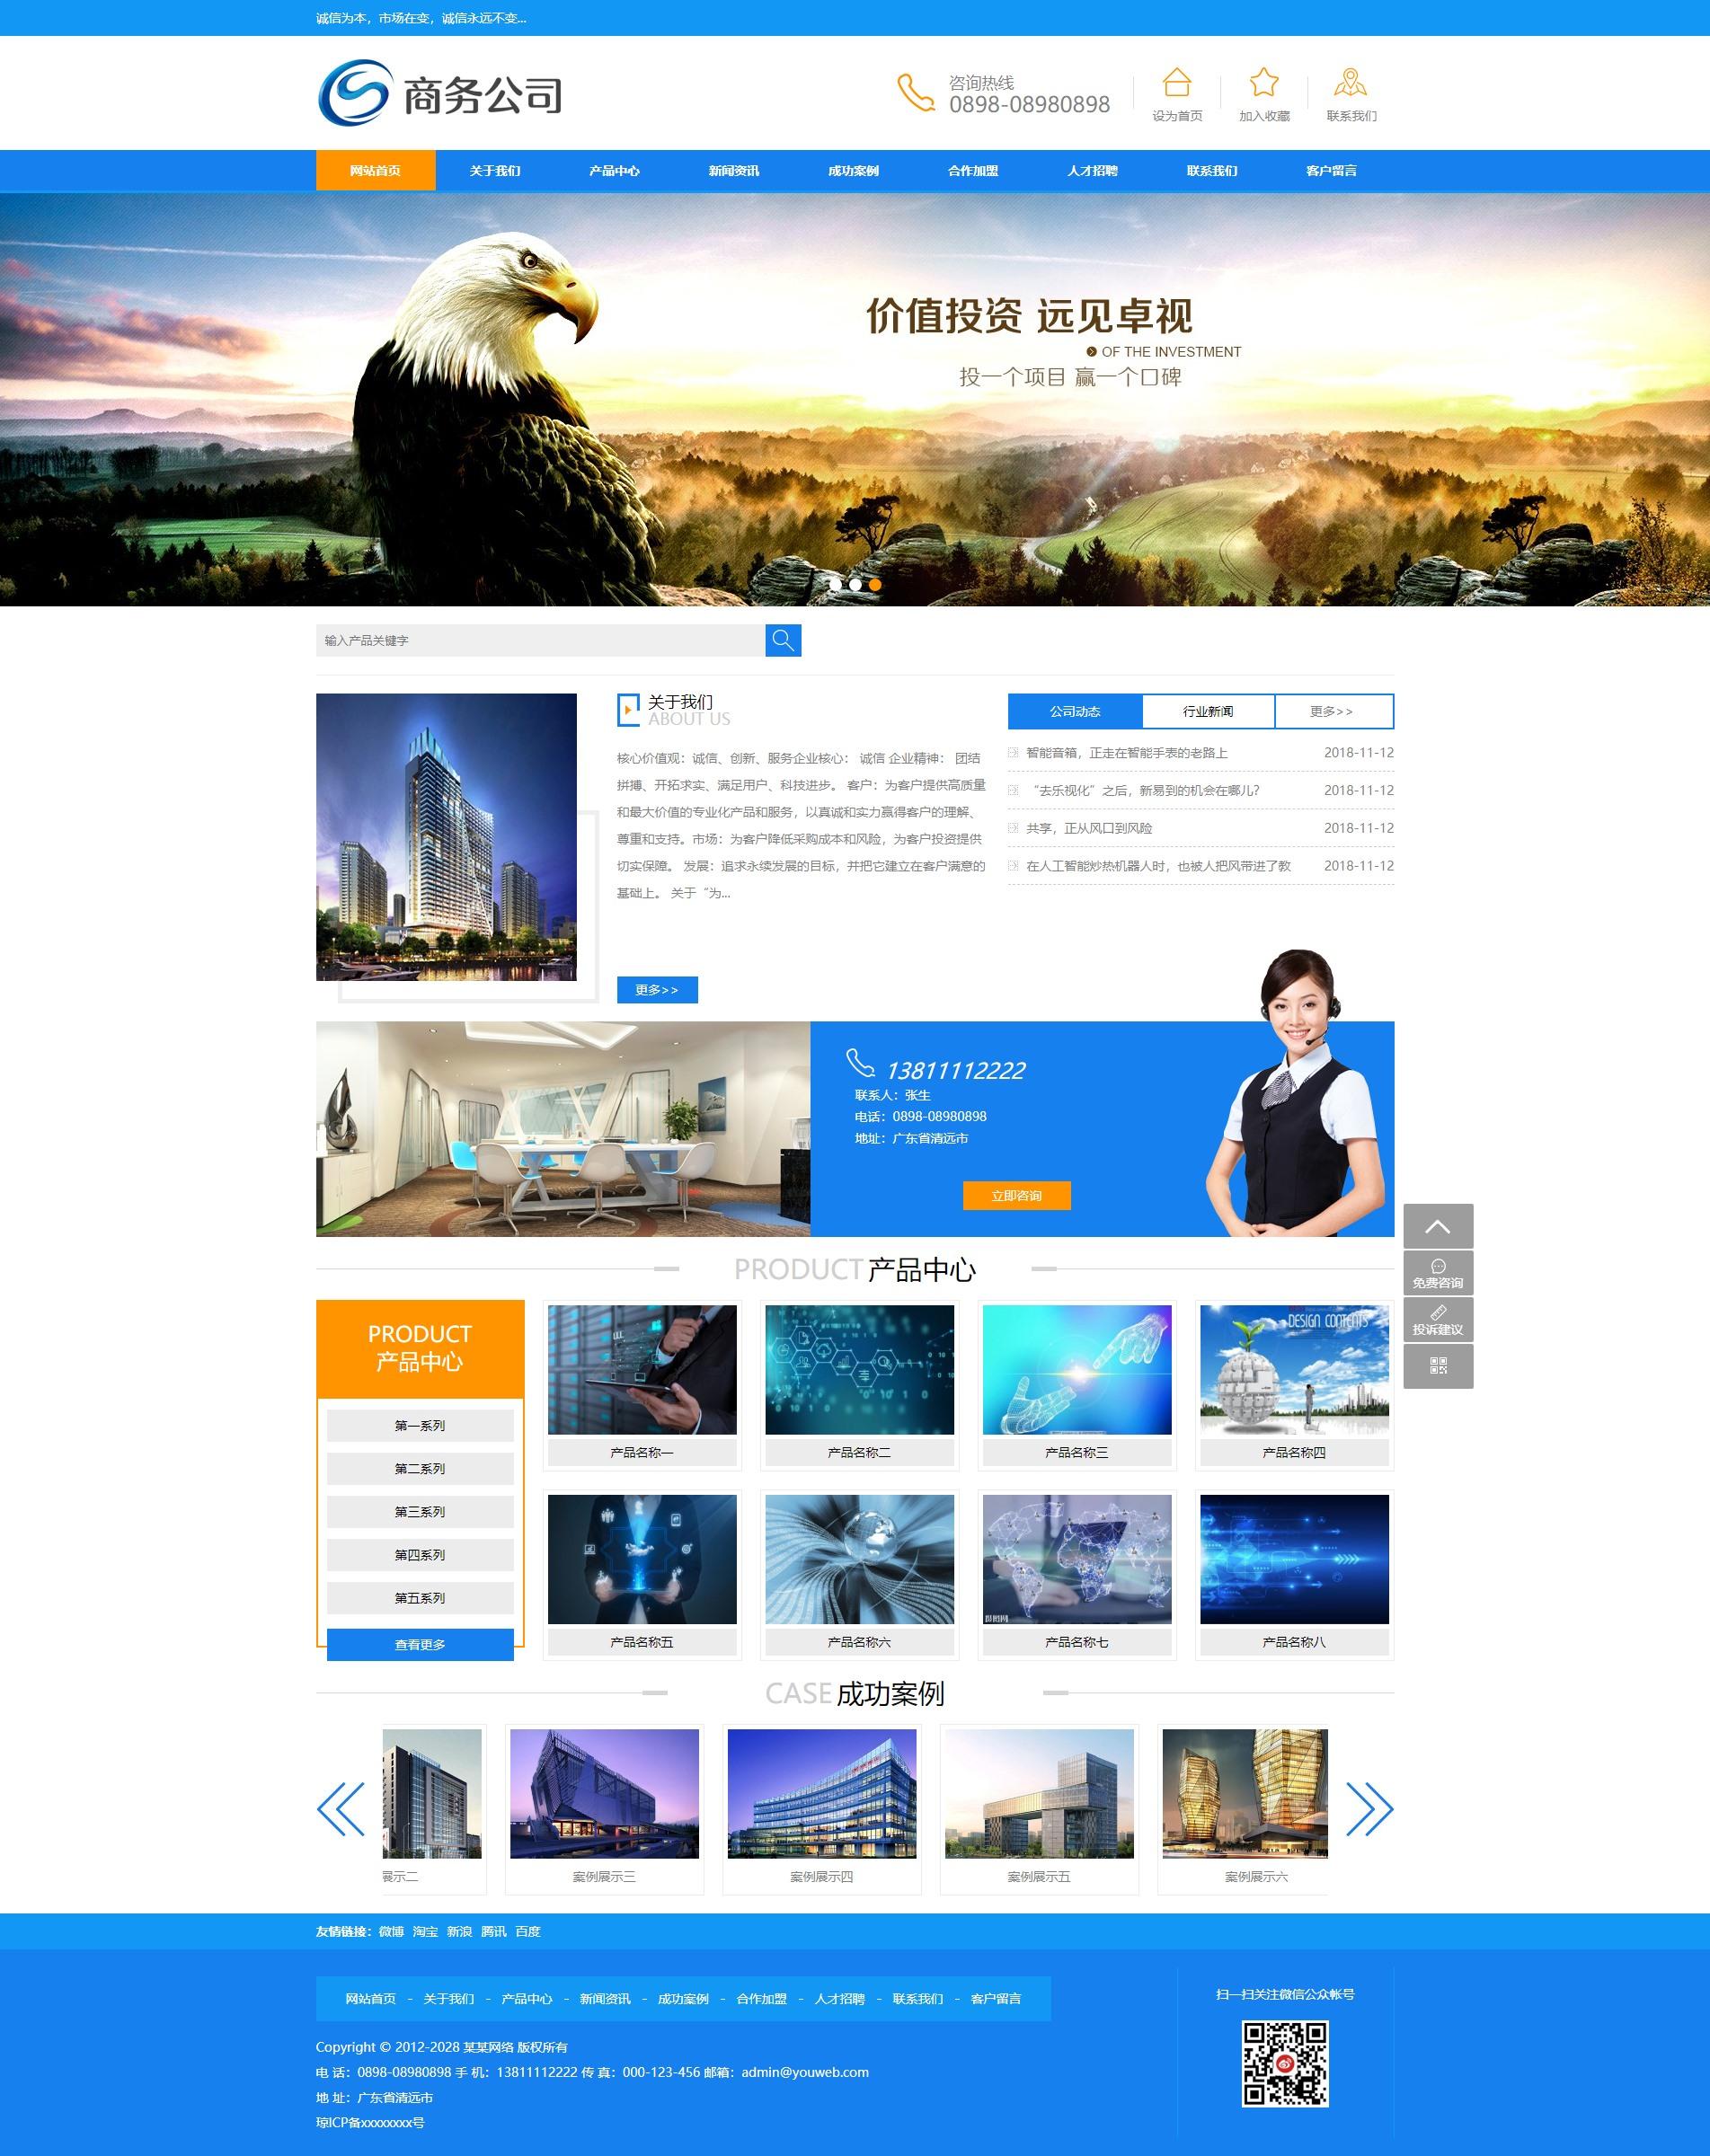 易优cms深蓝色设计风格商业服务商务接待商务公司企业网站模版源代码带移动端源码插图